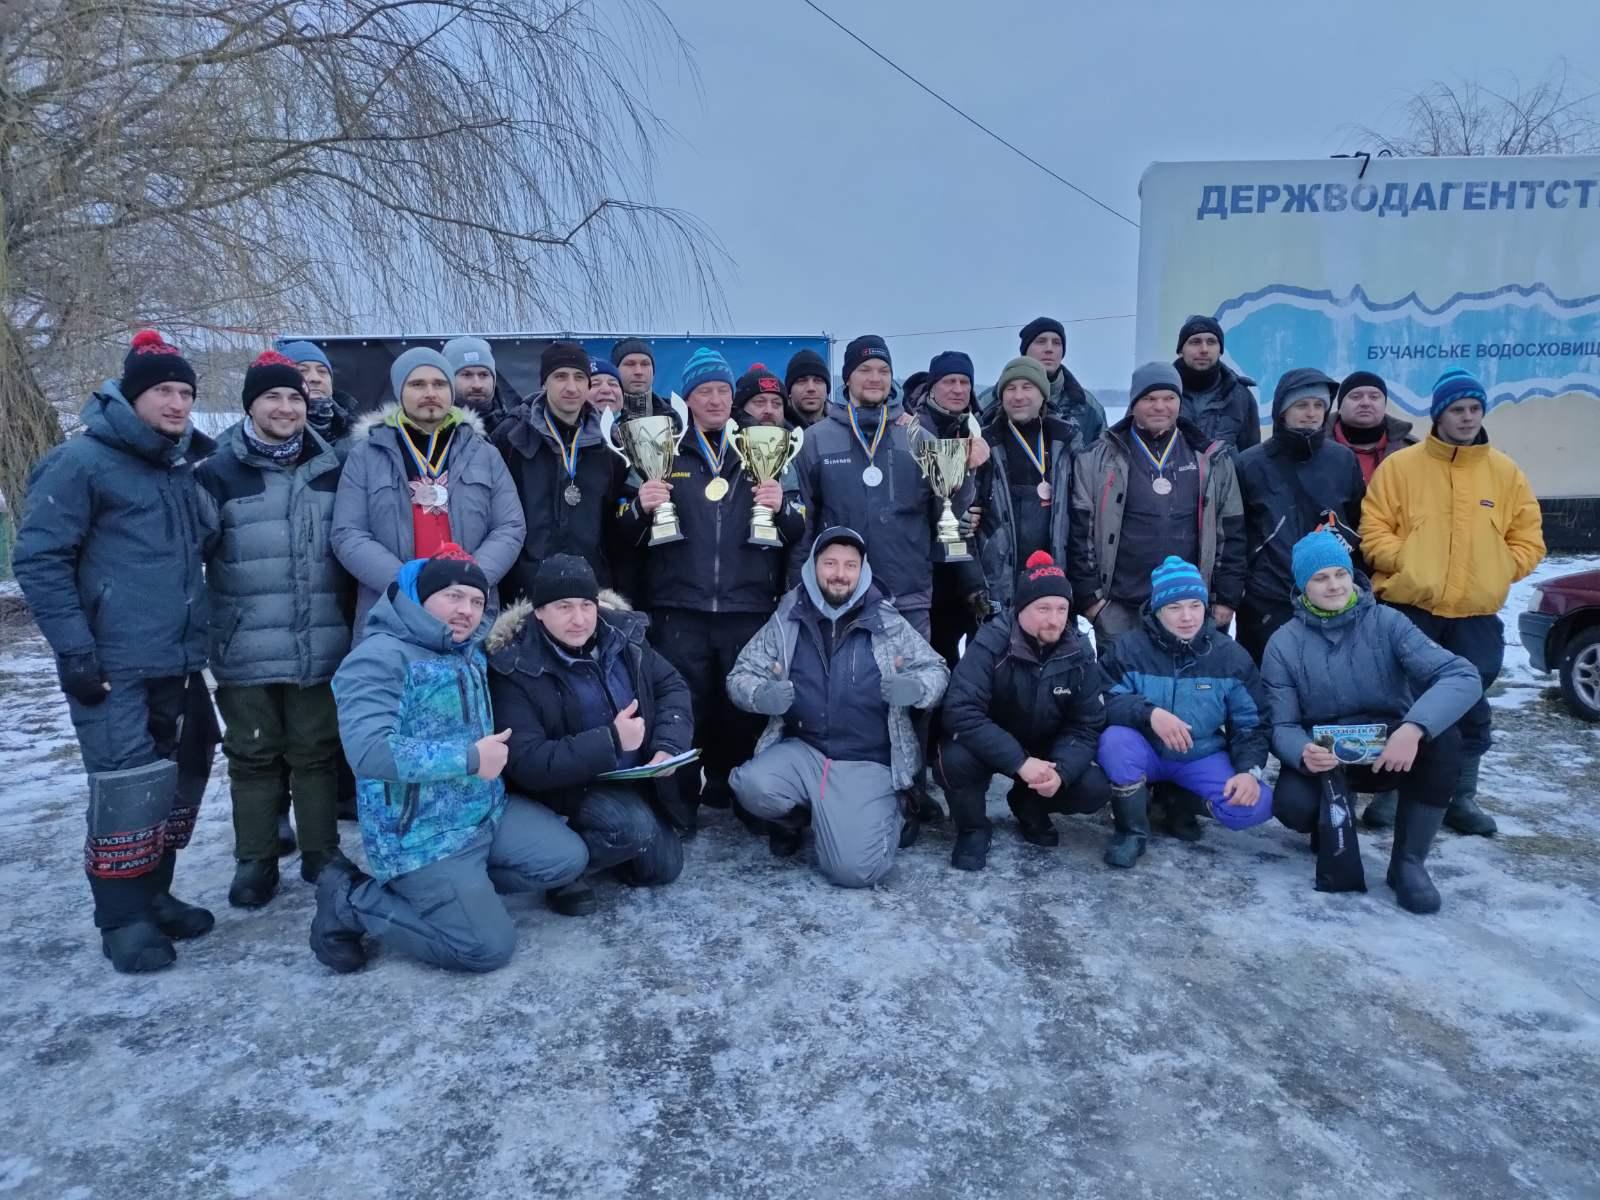 відкритий чемпіонат Київської області з лову риби на мормишку з льоду. фото